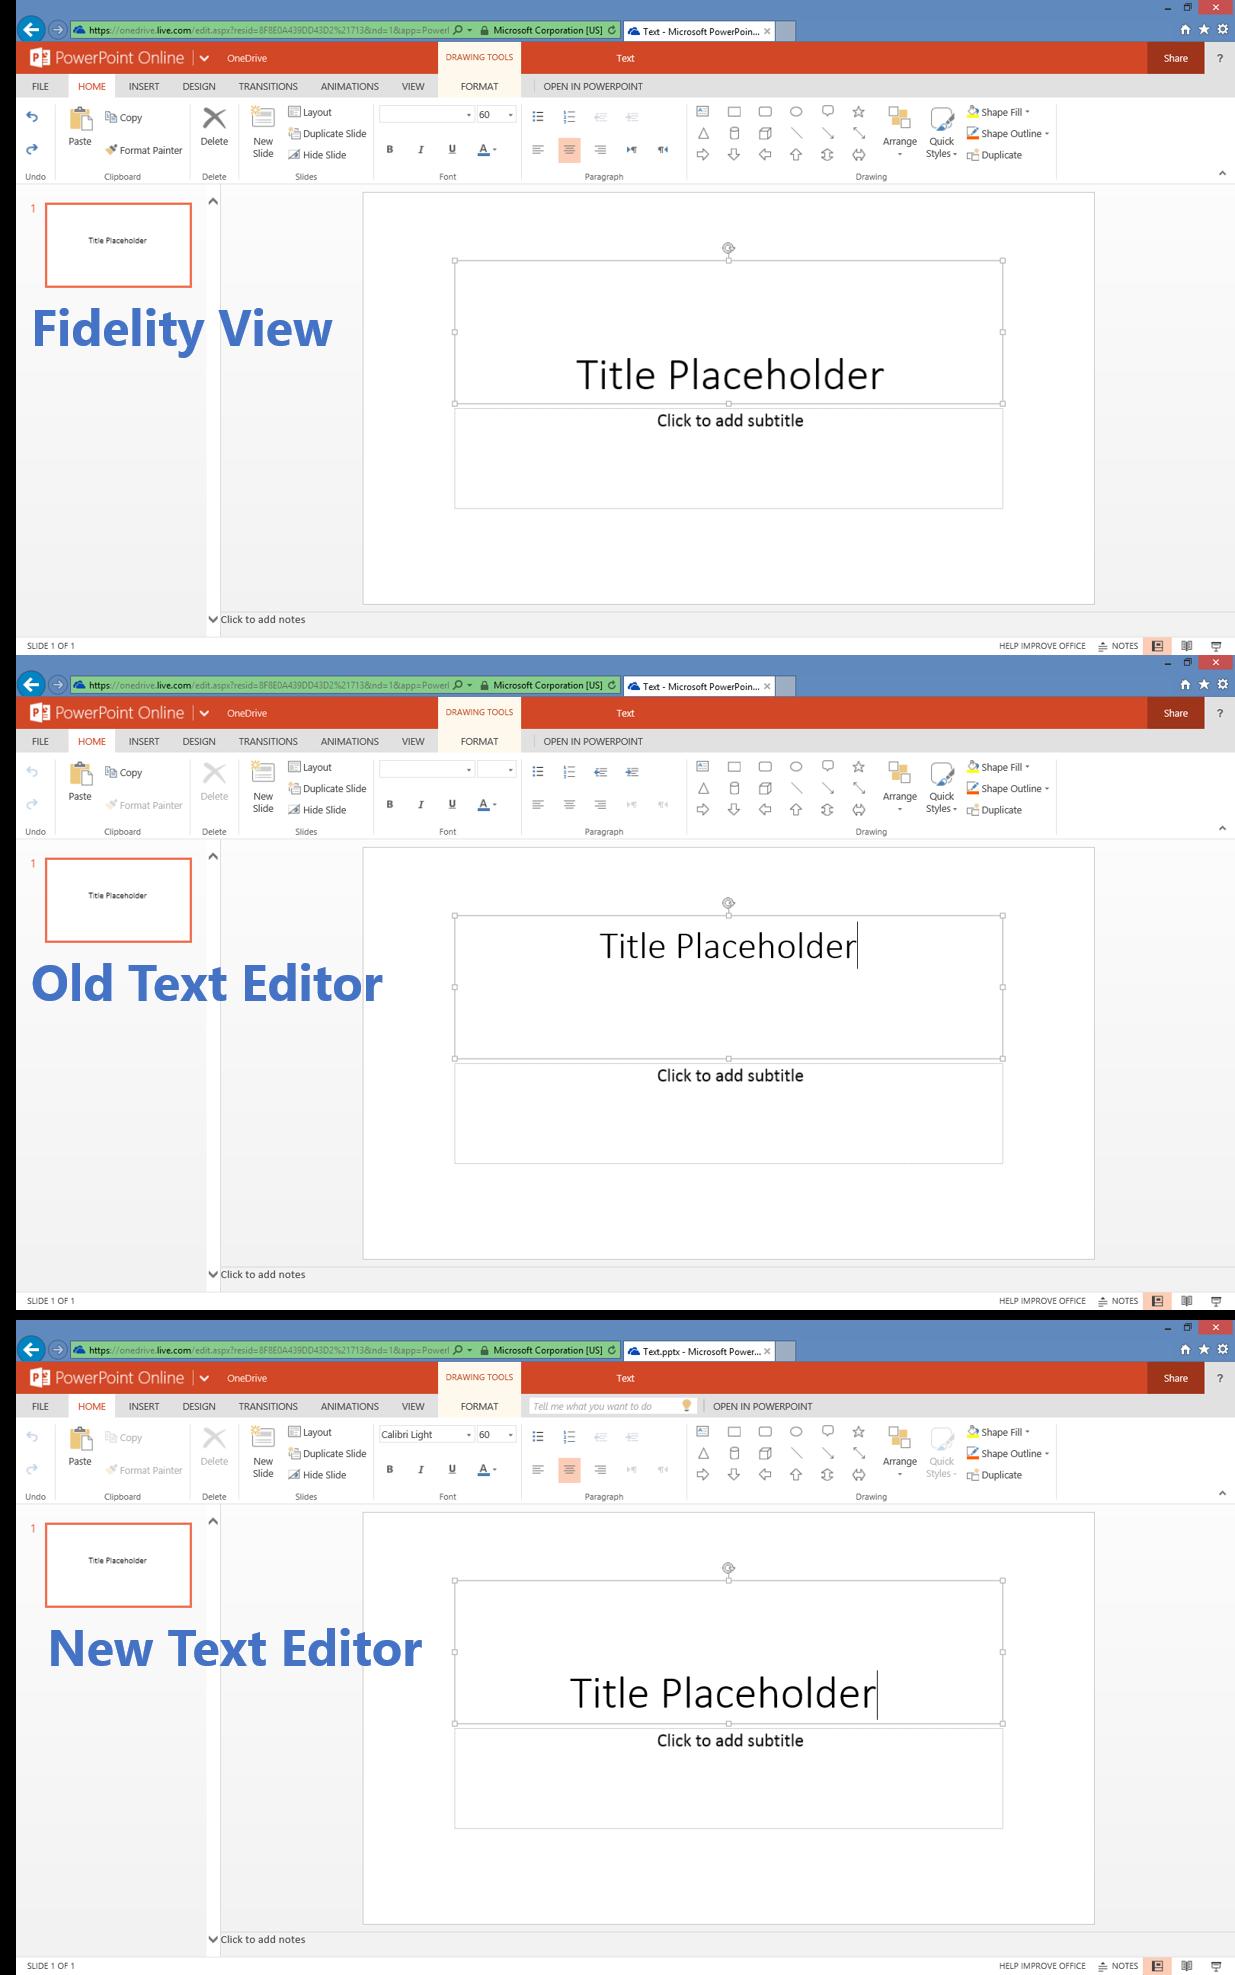 powerpoint online improved text editor angellist